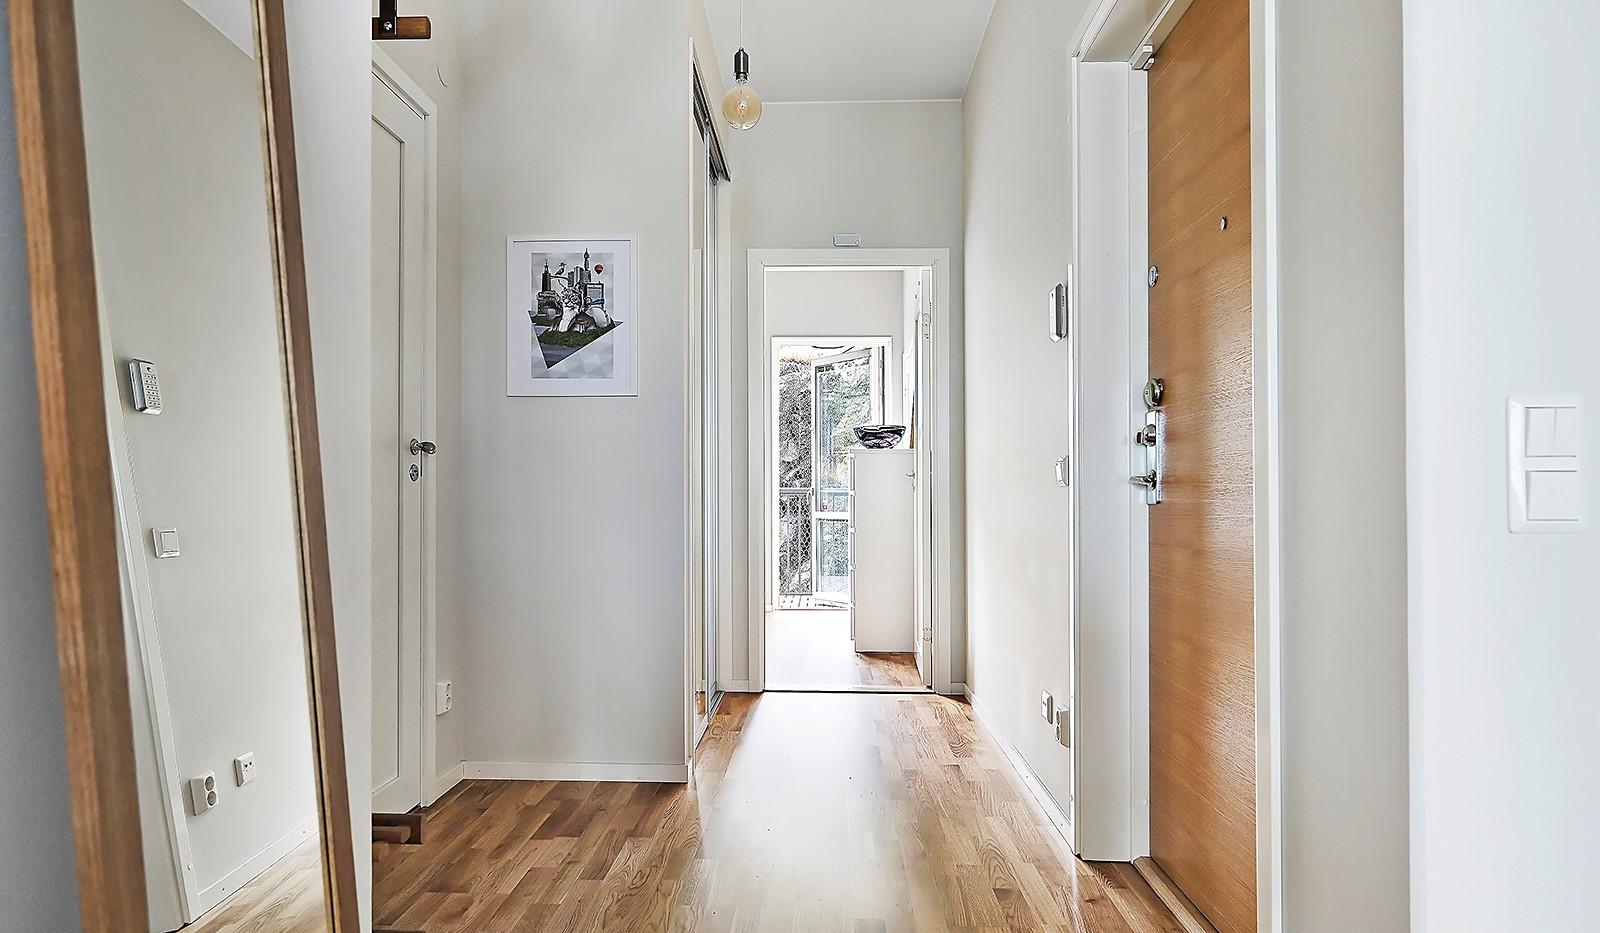 Sjöviksvägen 128, 7 tr. - Hallen är utrustad med ordentlig skjutdörrsgarderob